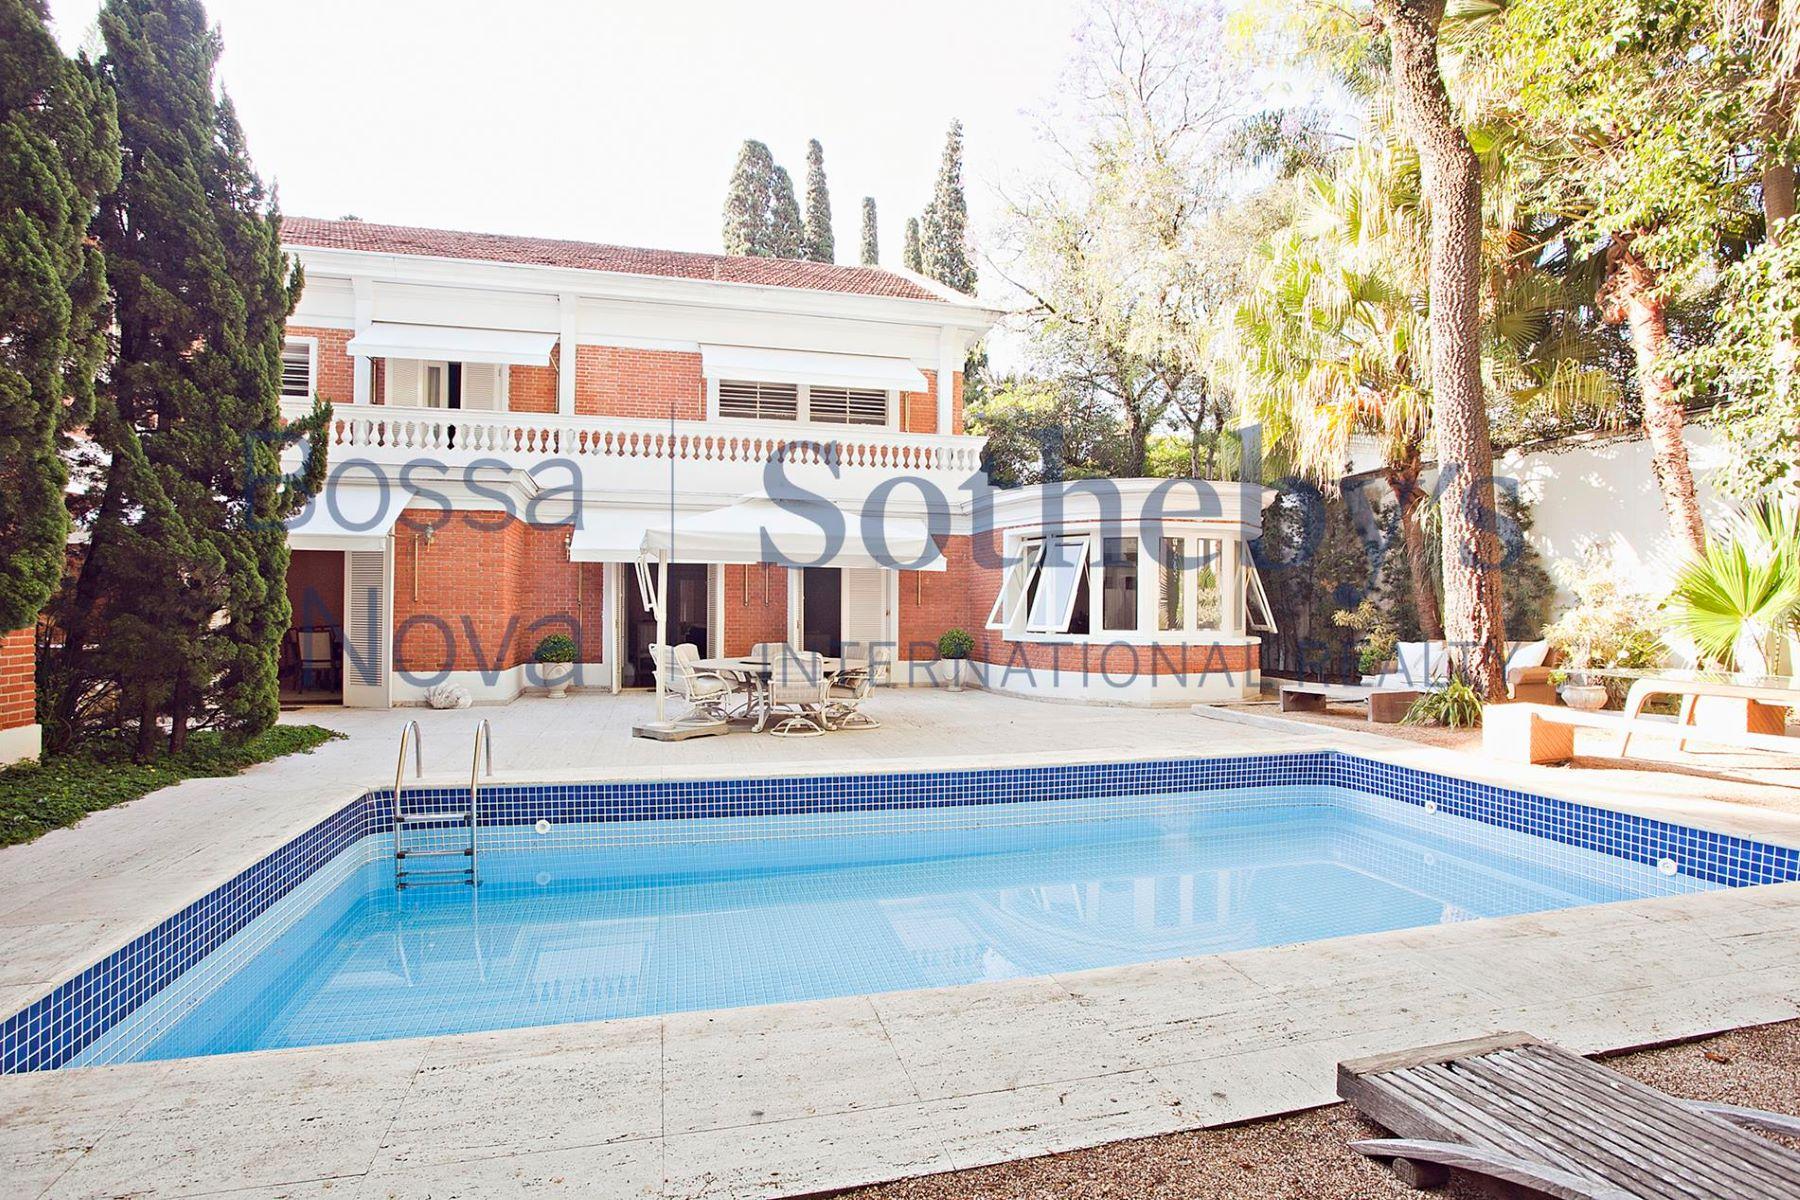 独户住宅 为 销售 在 Comfort and Style 圣保罗, 圣保罗, 巴西